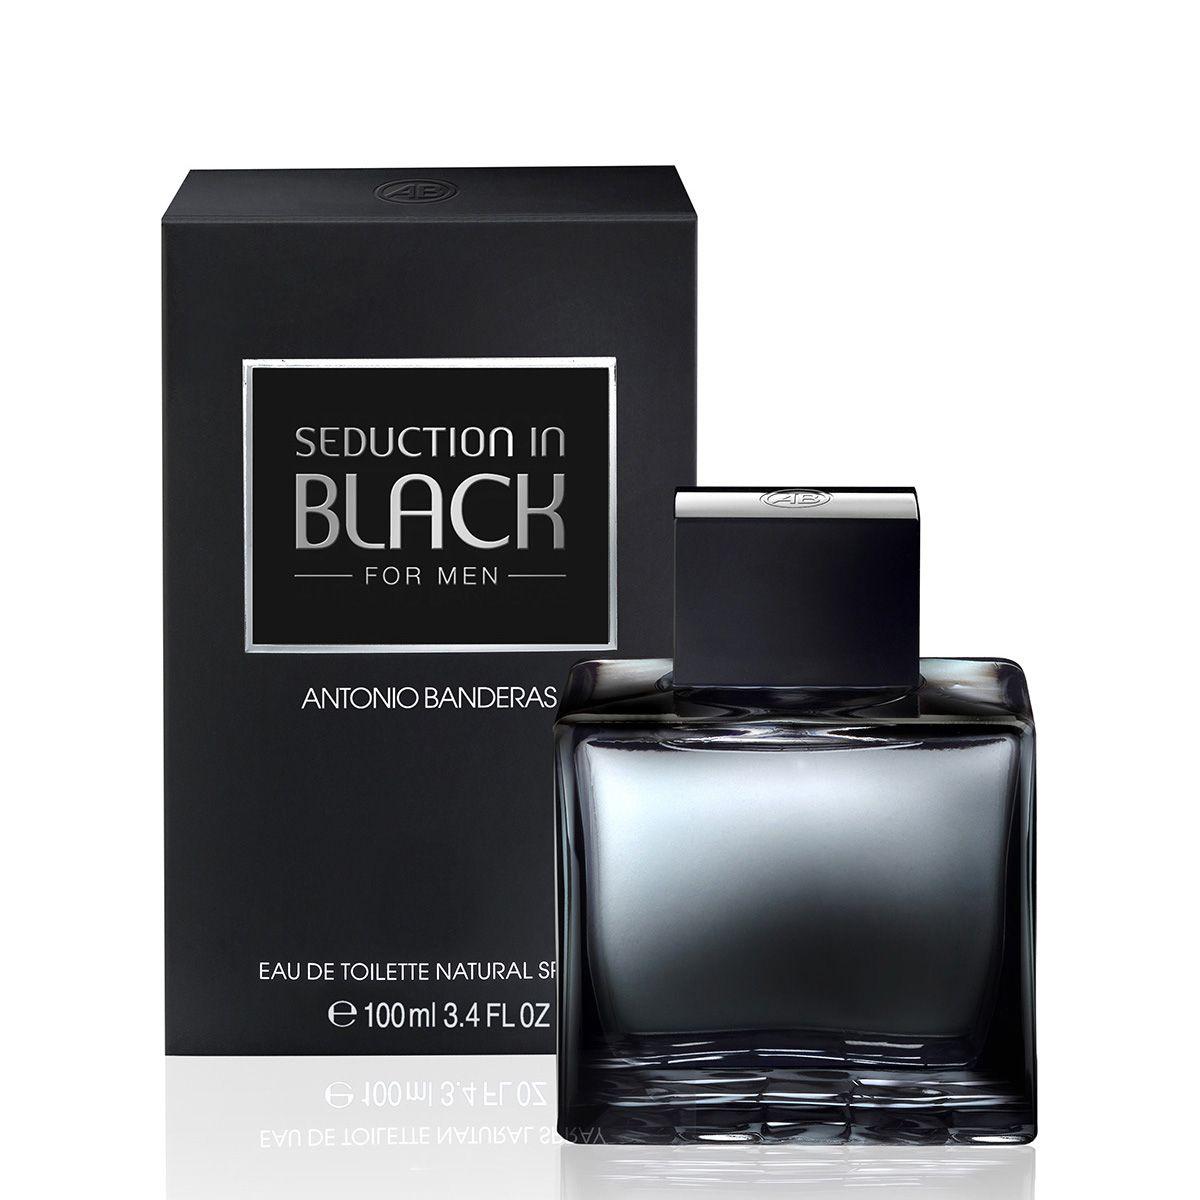 4d4c175b5 Perfume Seduction in Black Men Masculino Antonio Banderas Eau de ...